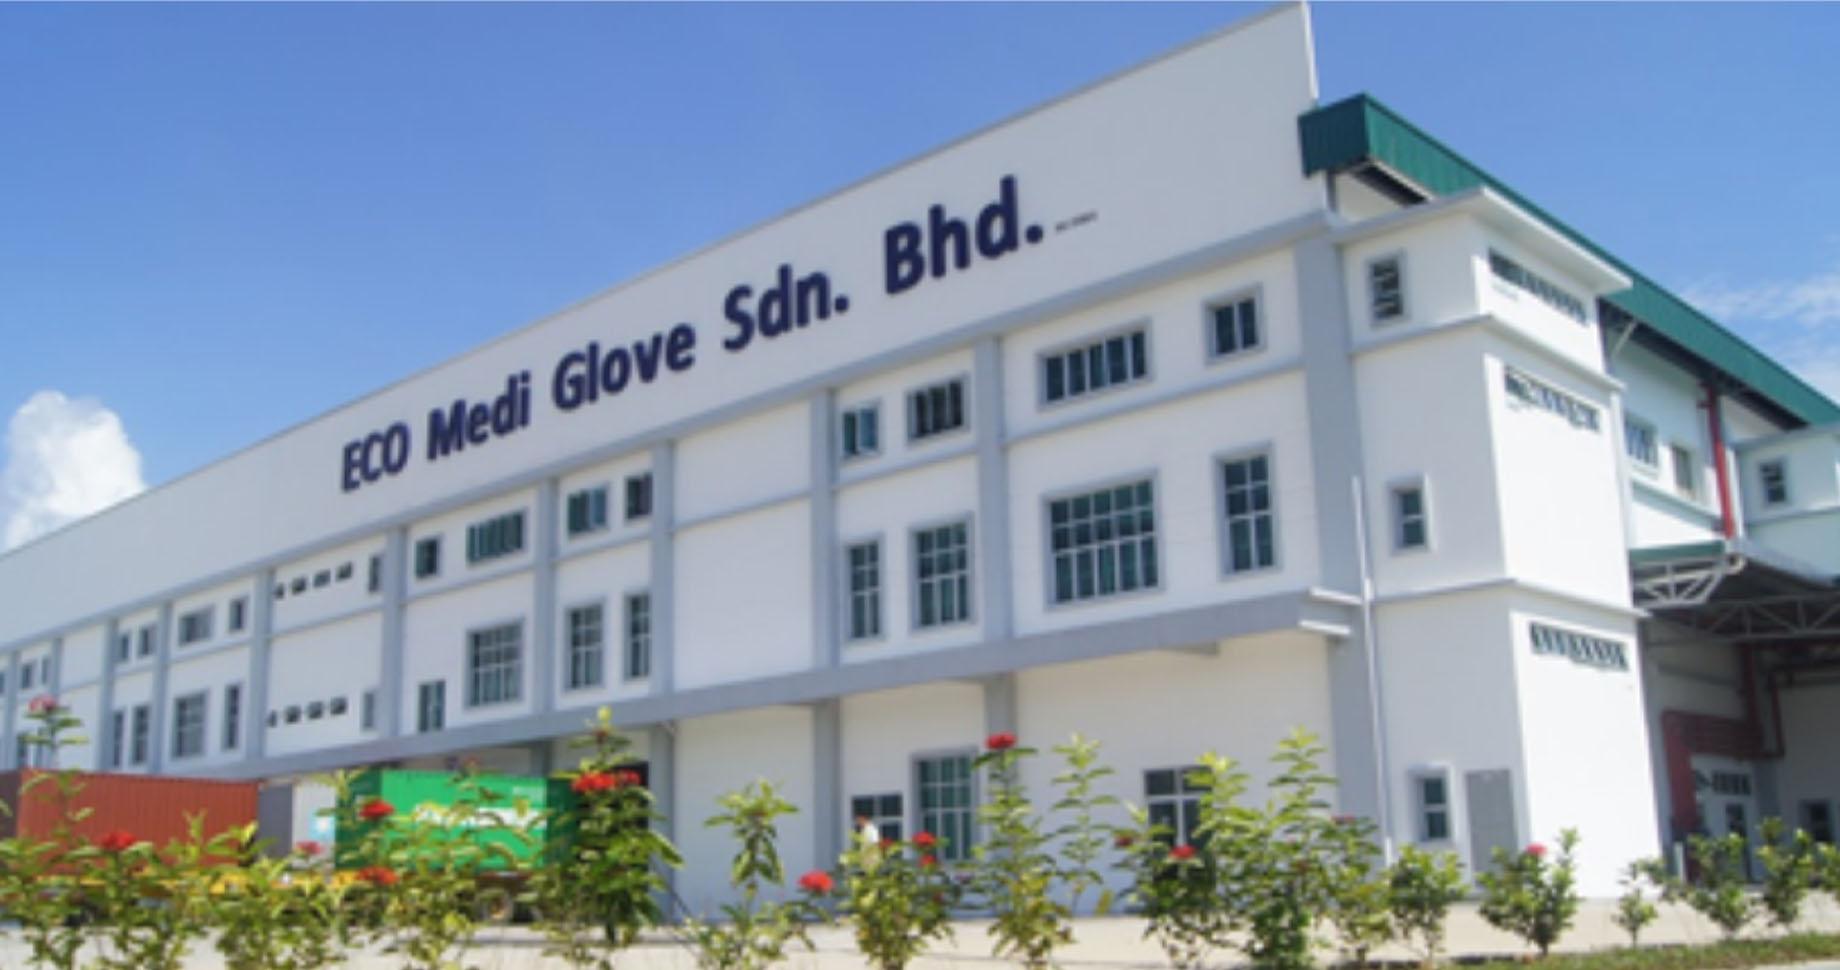 Eco Medi Glove Sdn. Bhd, Malaysia